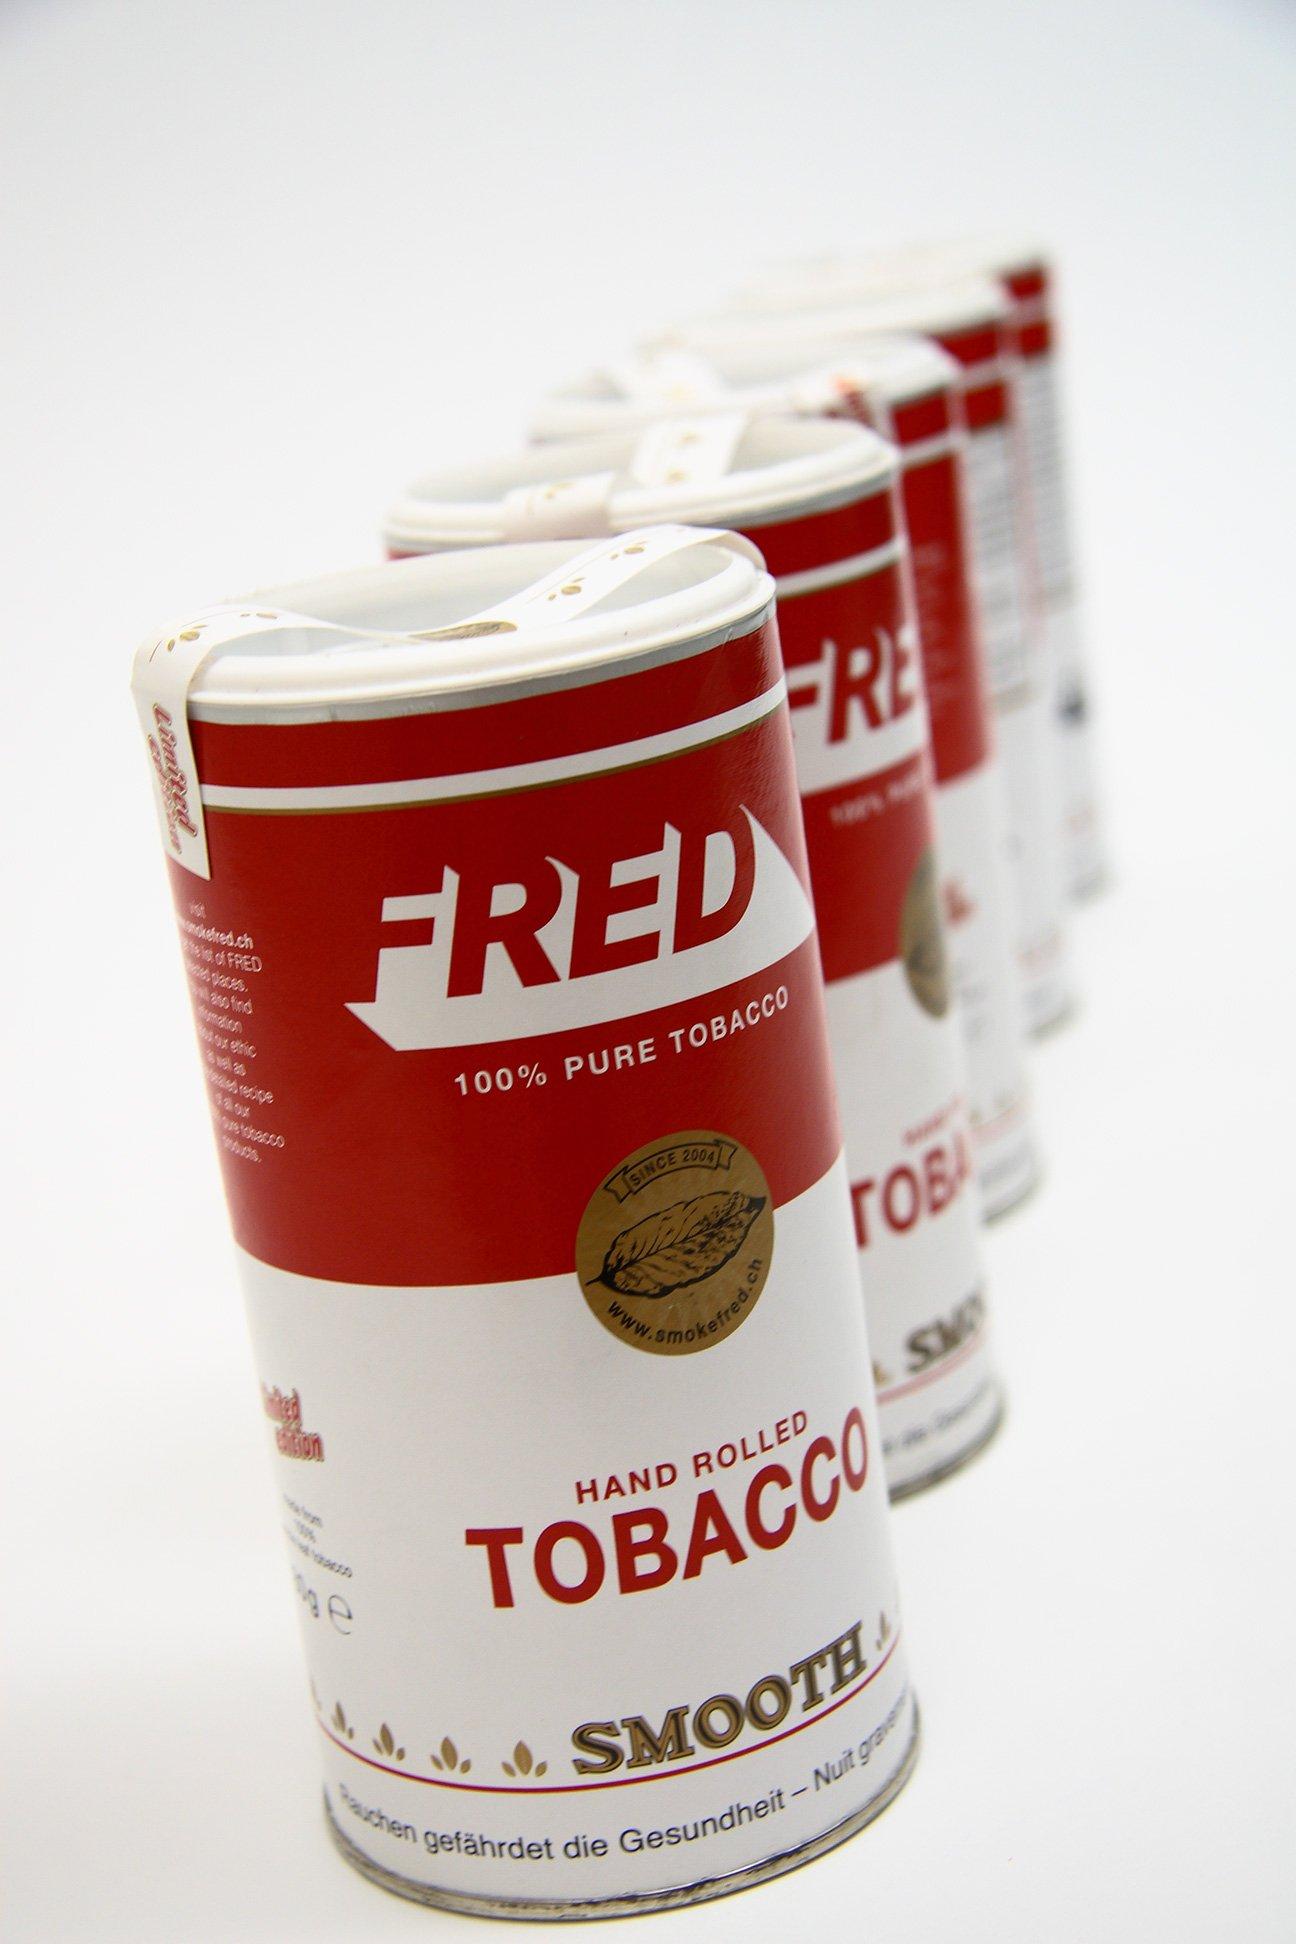 Création d'un packaging pour le tabac à rouler du cigarettier indépendant lausannois et berlinois FRED